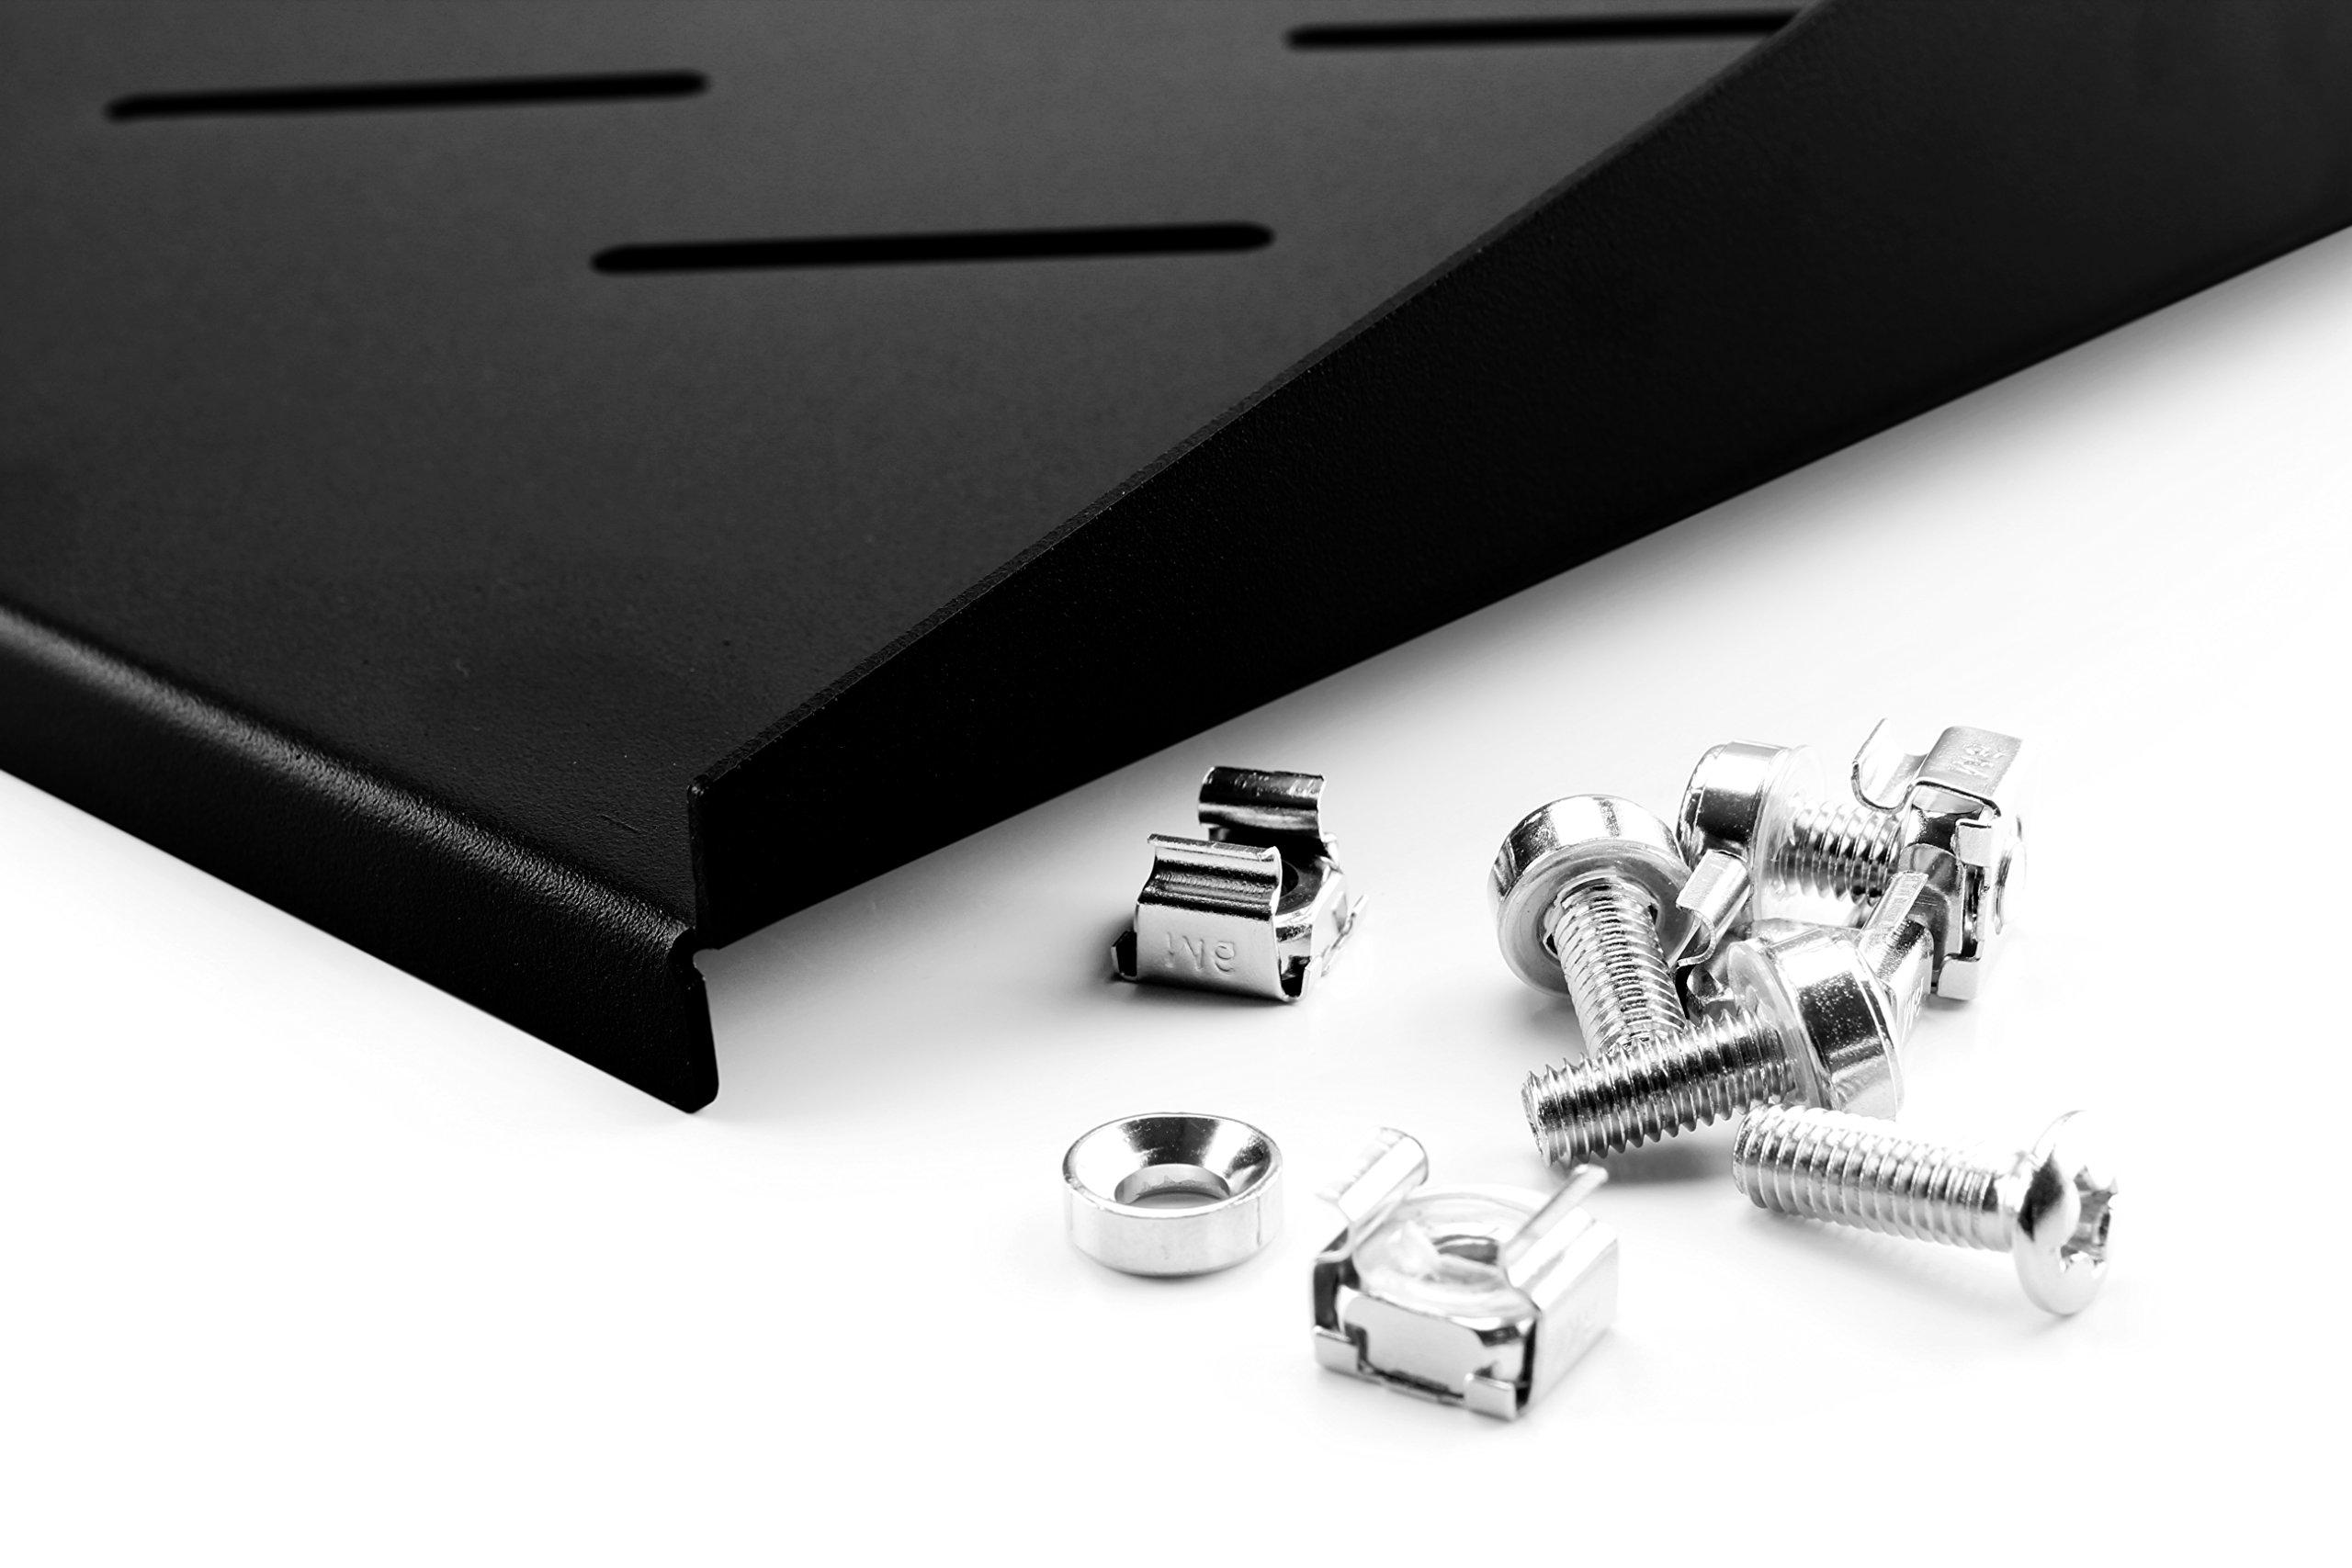 gif shelf com rotating openframeracks inch rack for swivel